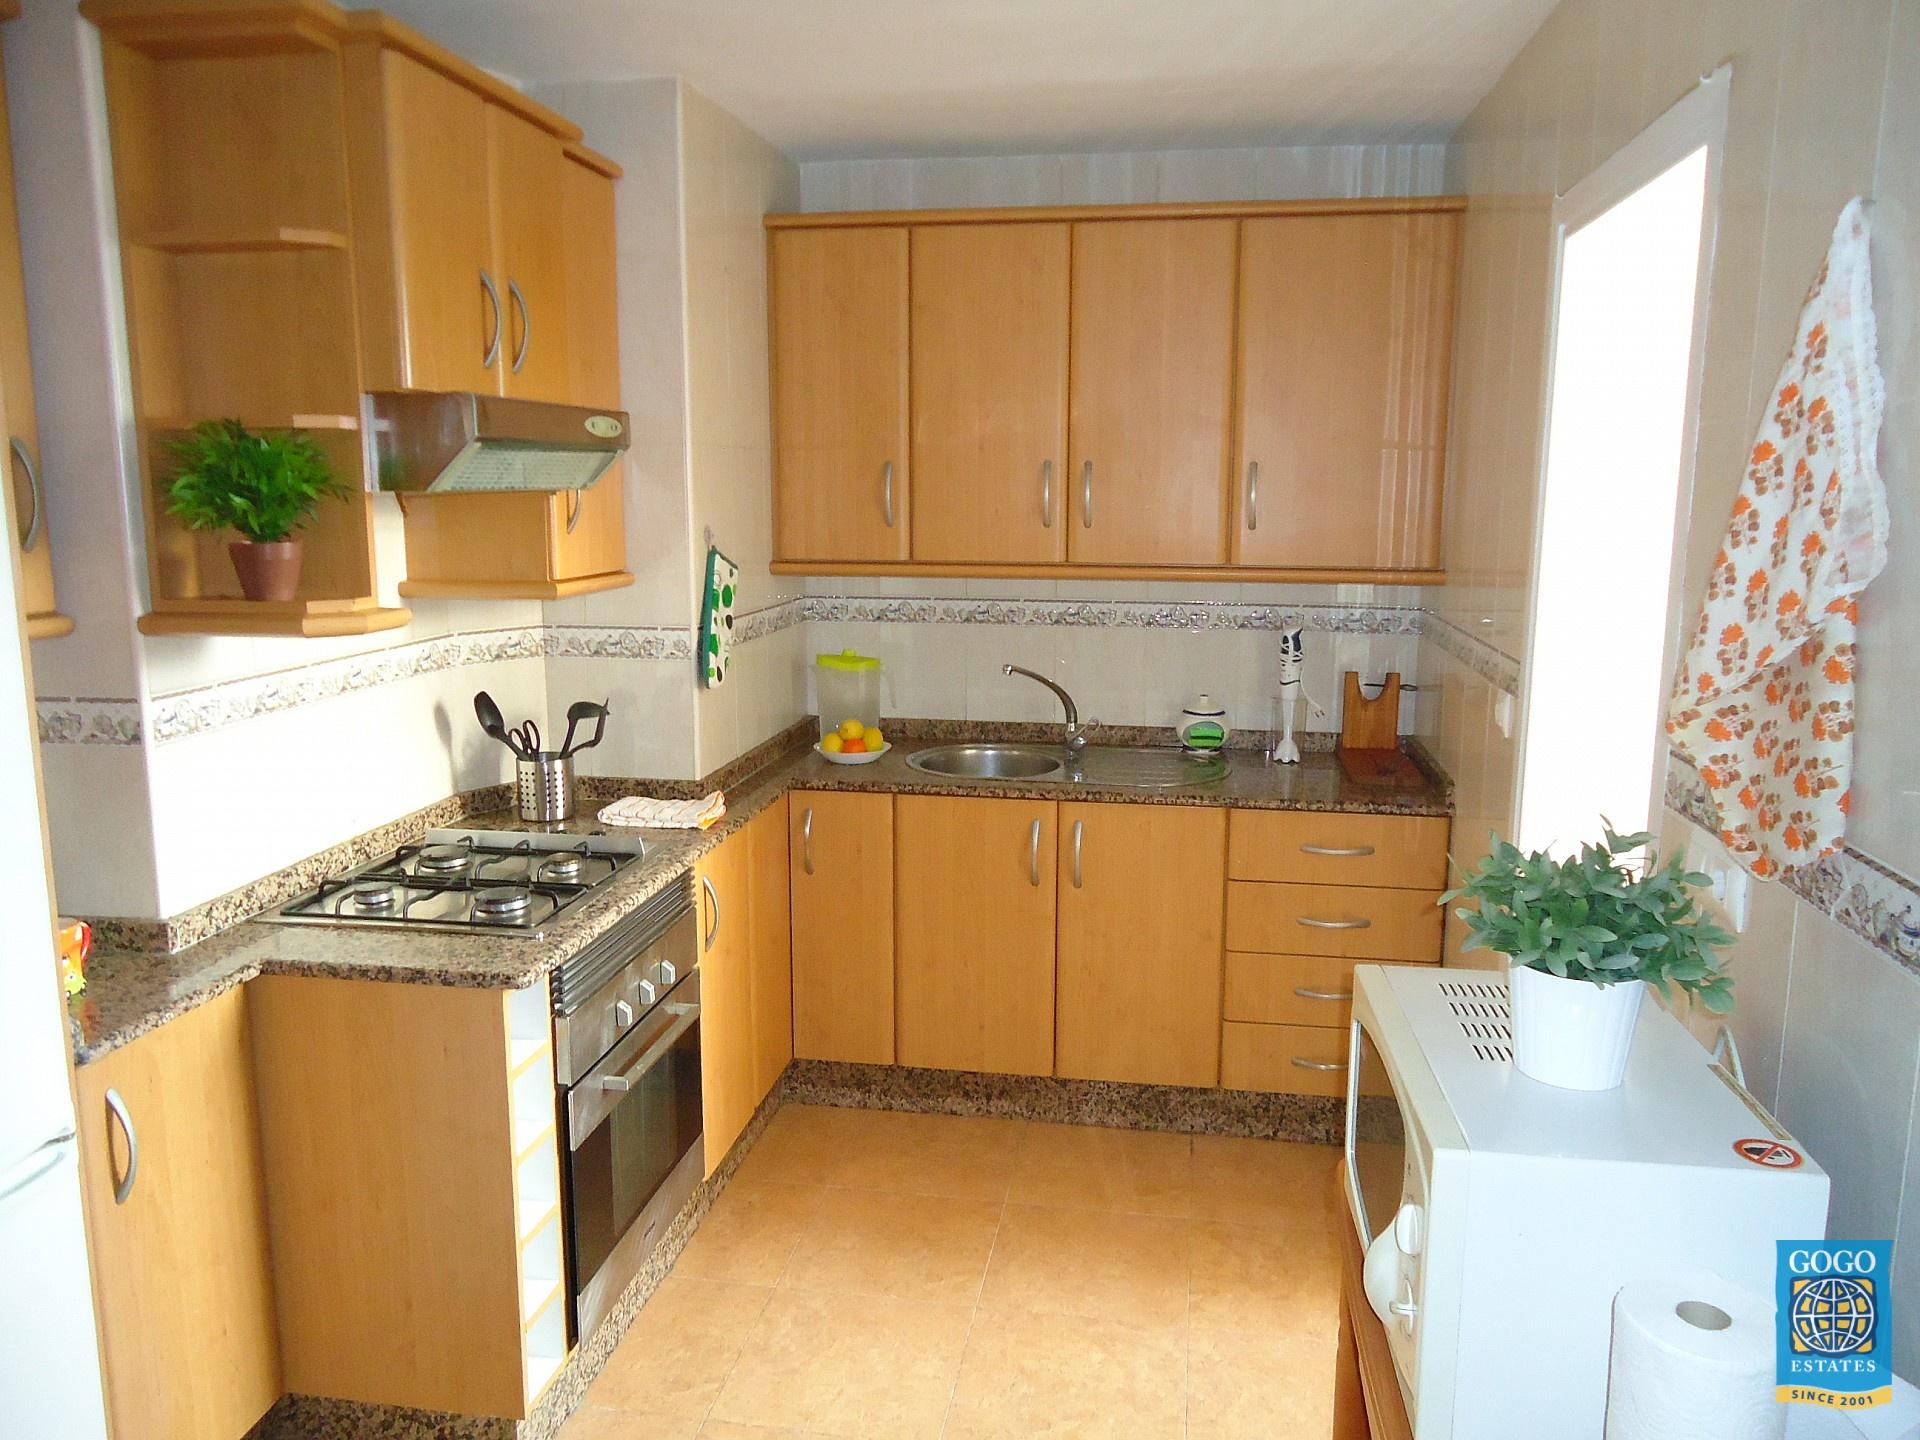 Appartement te huur Eerste lijn met uitzicht op zee in Águilas Murcia